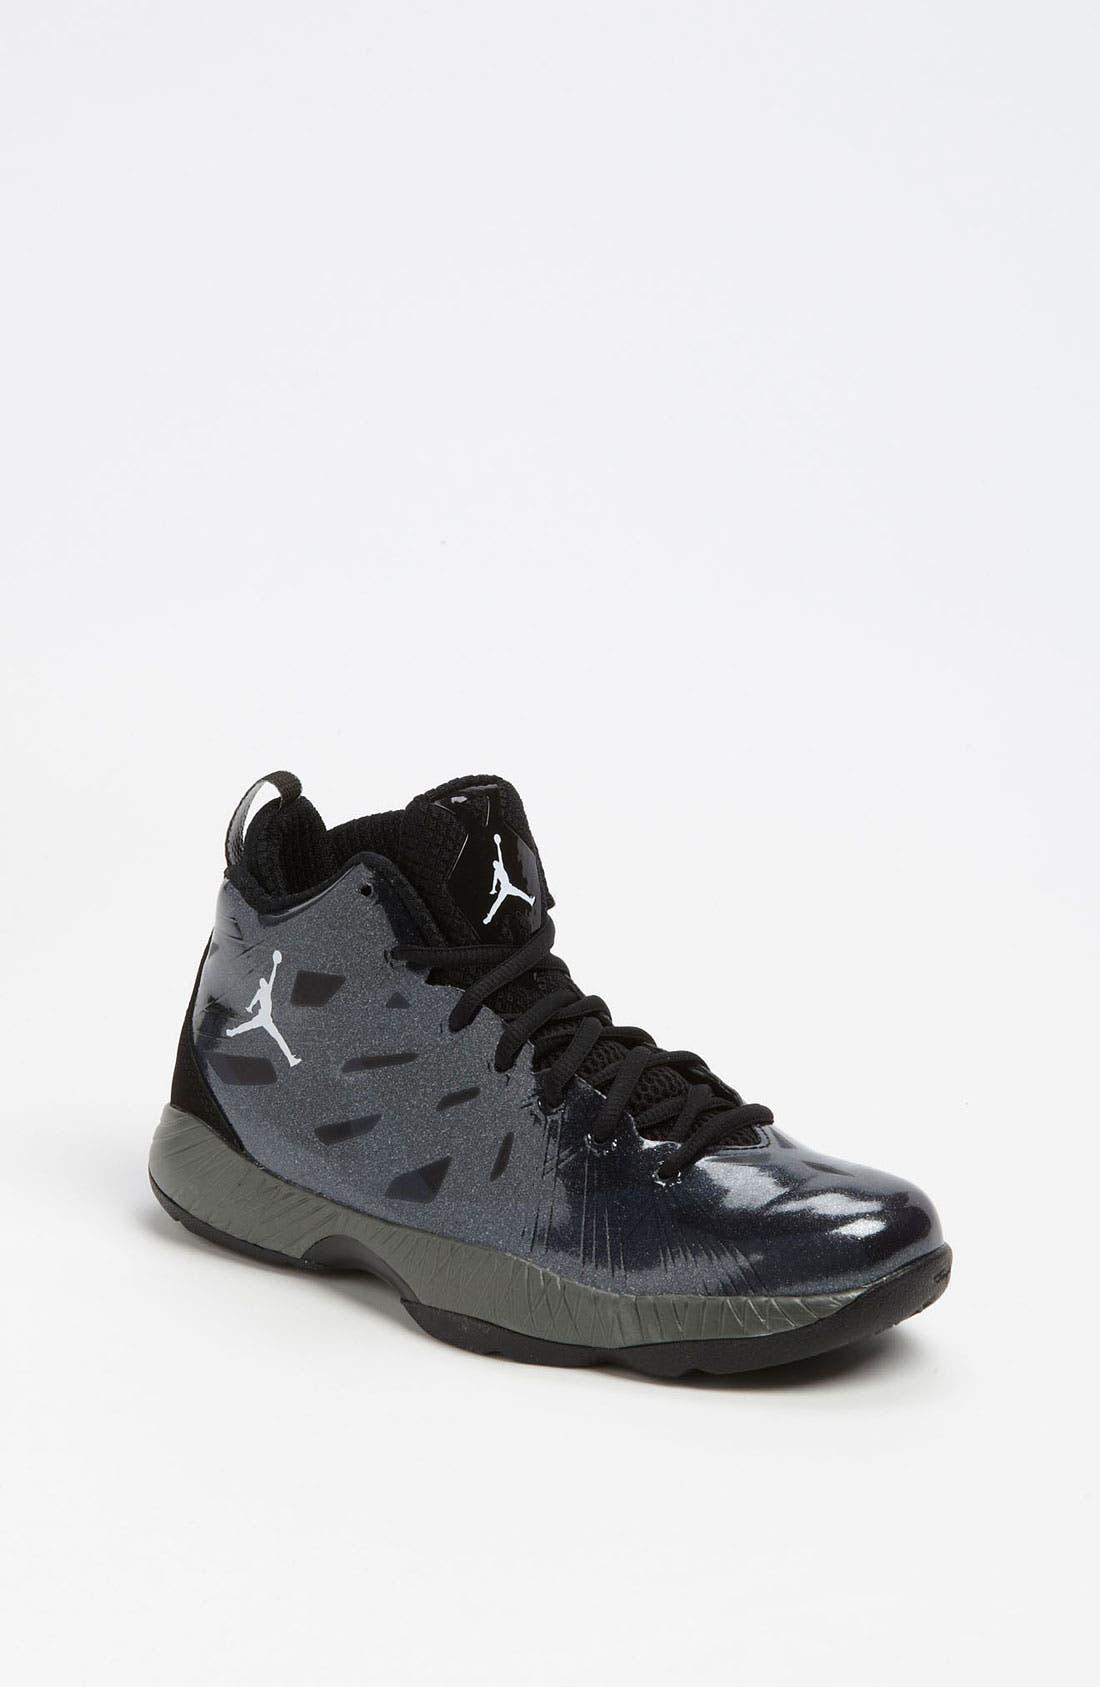 Main Image - Nike 'Air Jordan 2012 Lite' Athletic Shoe (Big Kid)